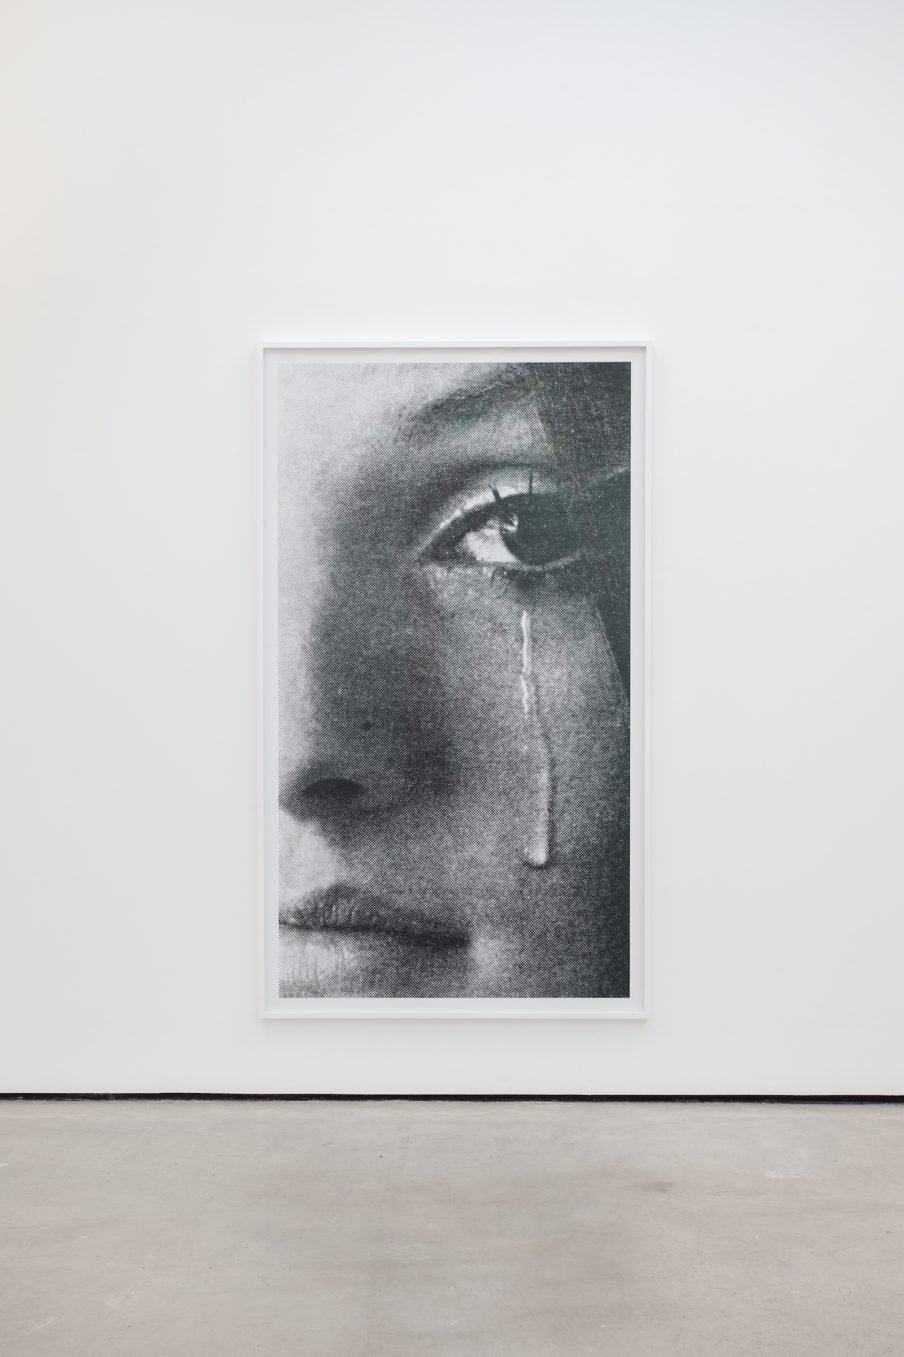 Dagens kunstværk – Pernille Kapper Williams: 'Crying' af Anne Collier